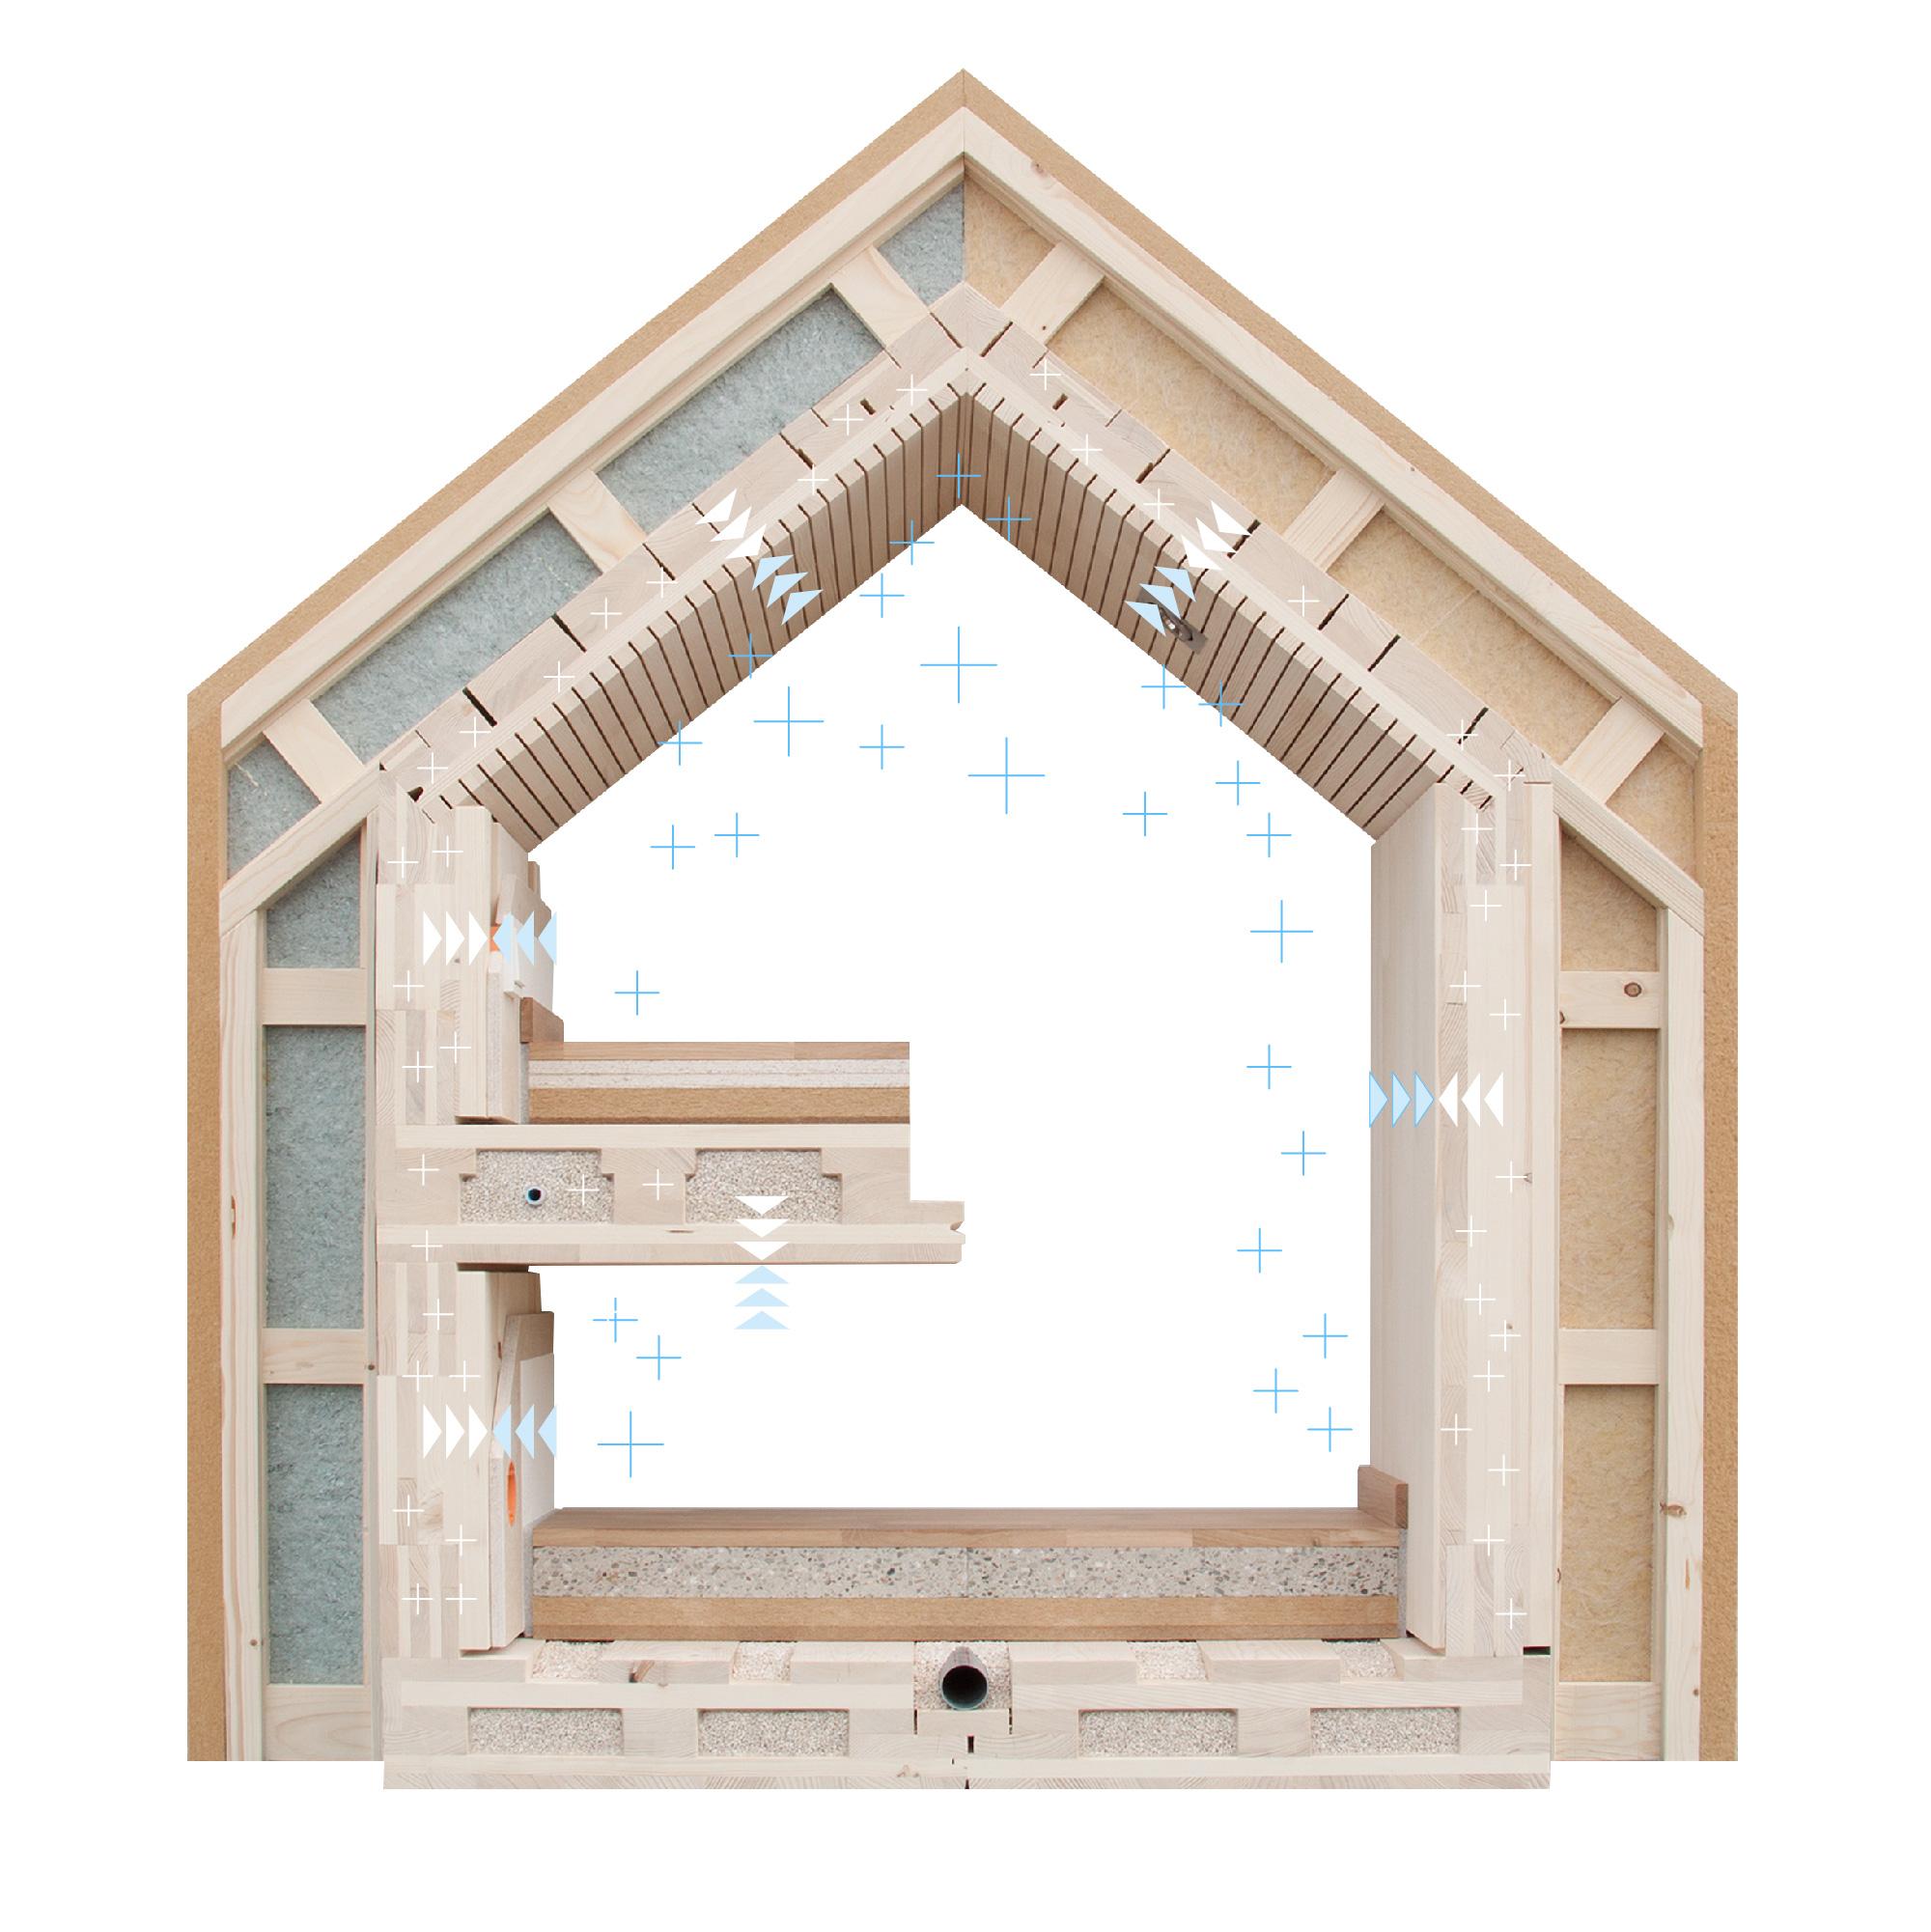 raumklima im holzhaus klimaholzhaus gesundheit wohngesundheit wohnklima luftfeuchtigkeit. Black Bedroom Furniture Sets. Home Design Ideas